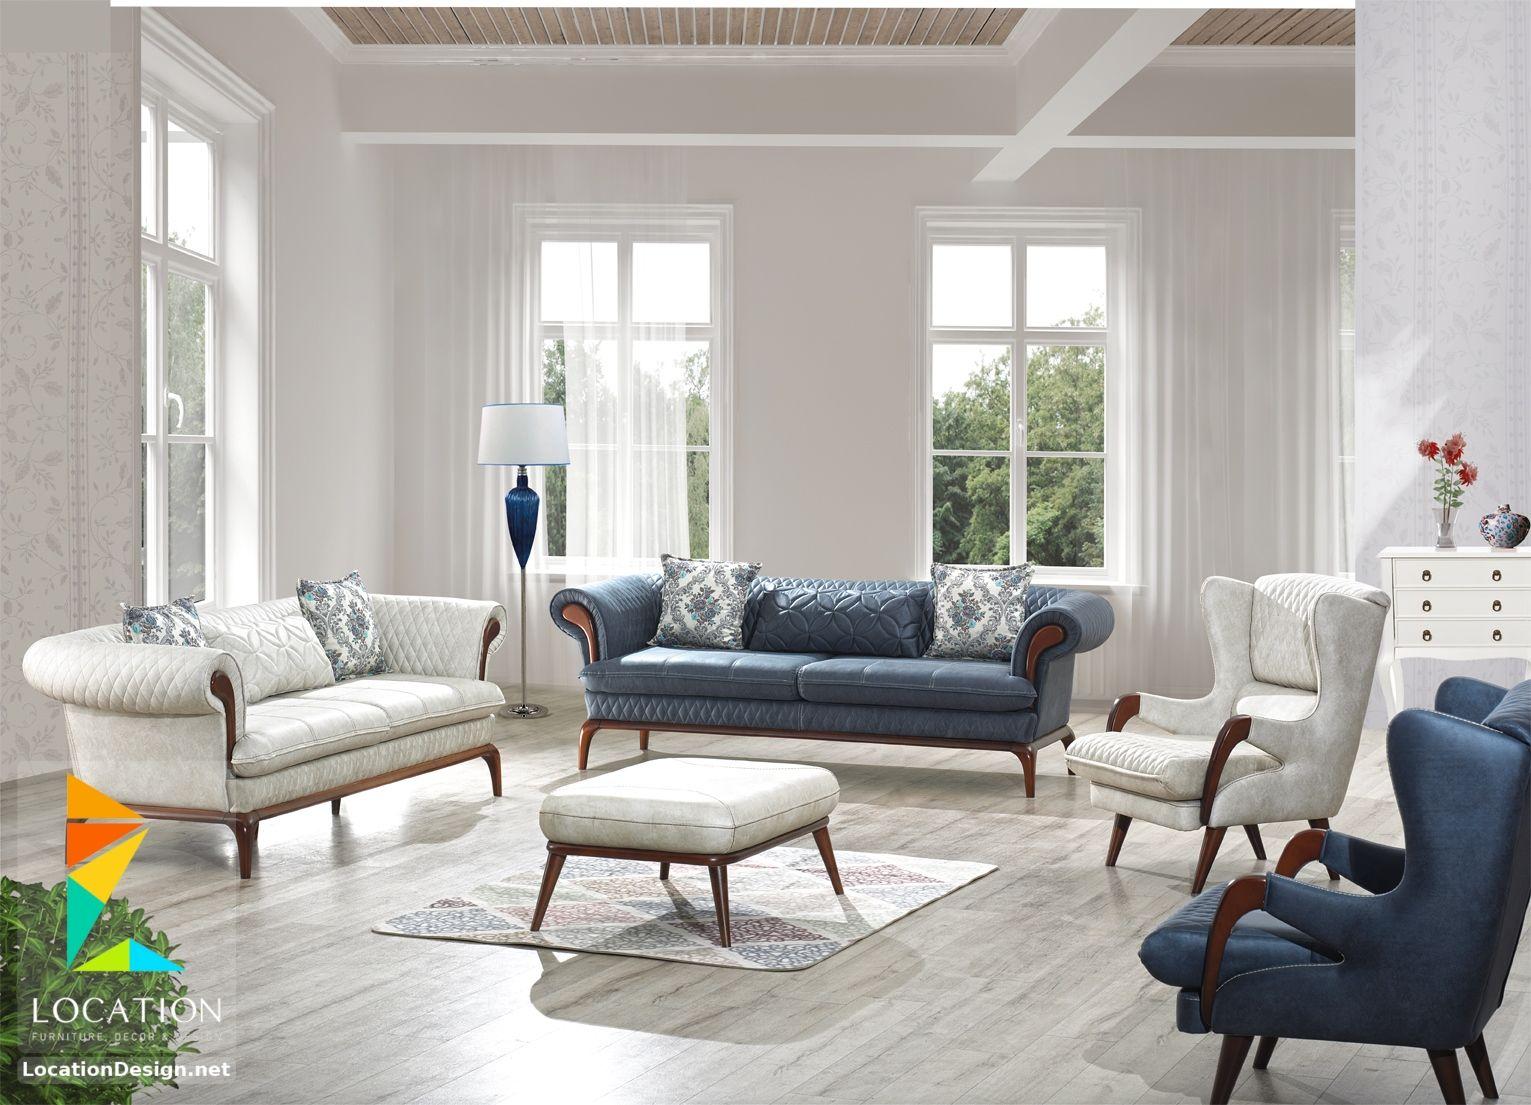 كتالوج صور انتريهات مودرن جديدة من اشيك تصميمات الانتريهات عالية الجودة Luxury Sofa Furniture Home Decor